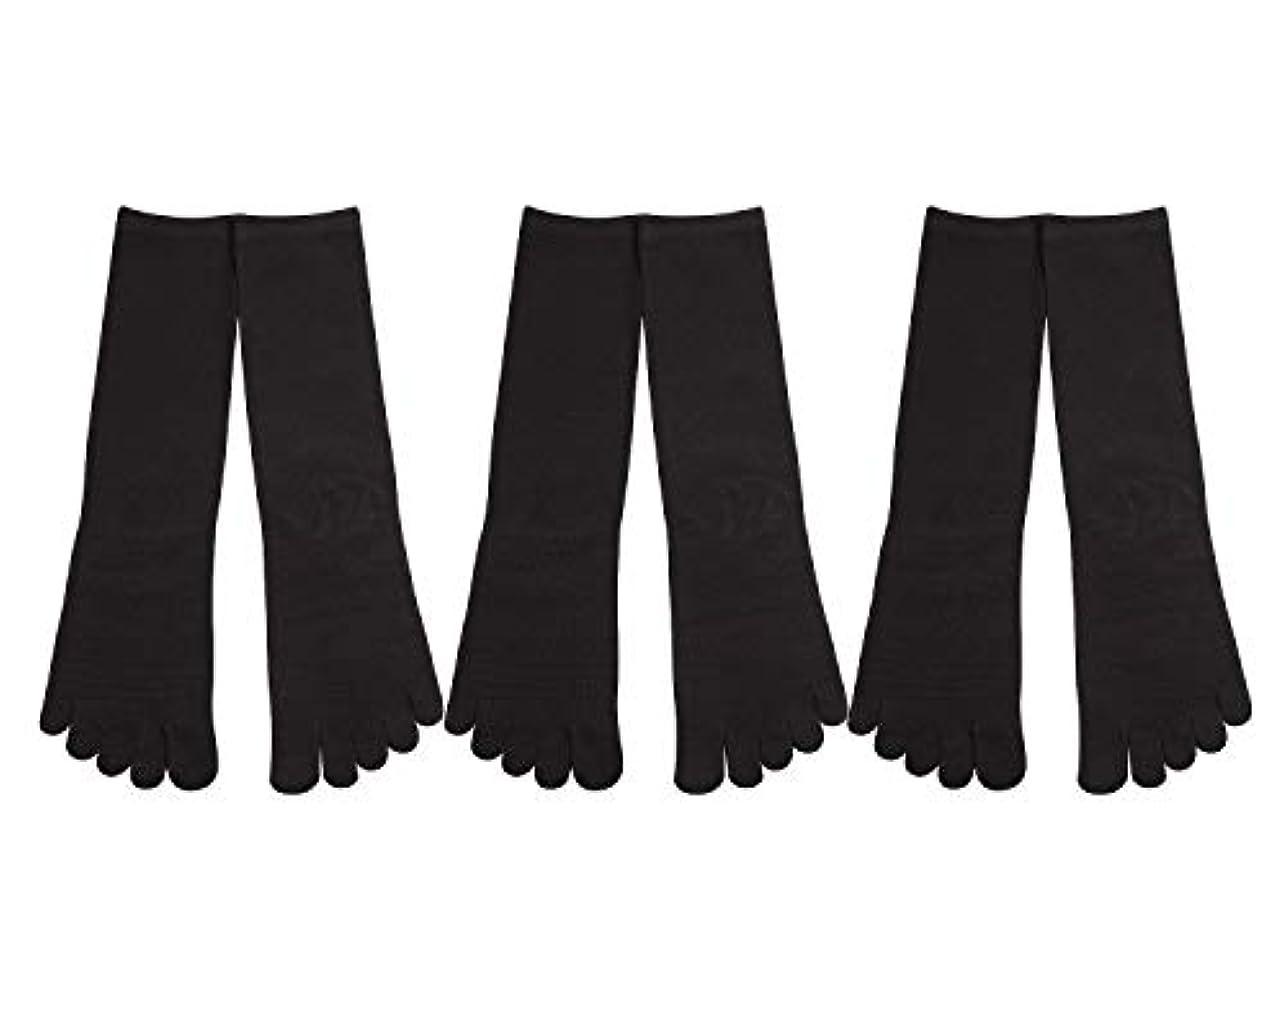 ロック解除石ジェットDeol(デオル) 5本指 靴下 男性用 黒 3足セット 25cm-27cm メンズ [足のニオイ対策] 長時間消臭 日本製 靴下